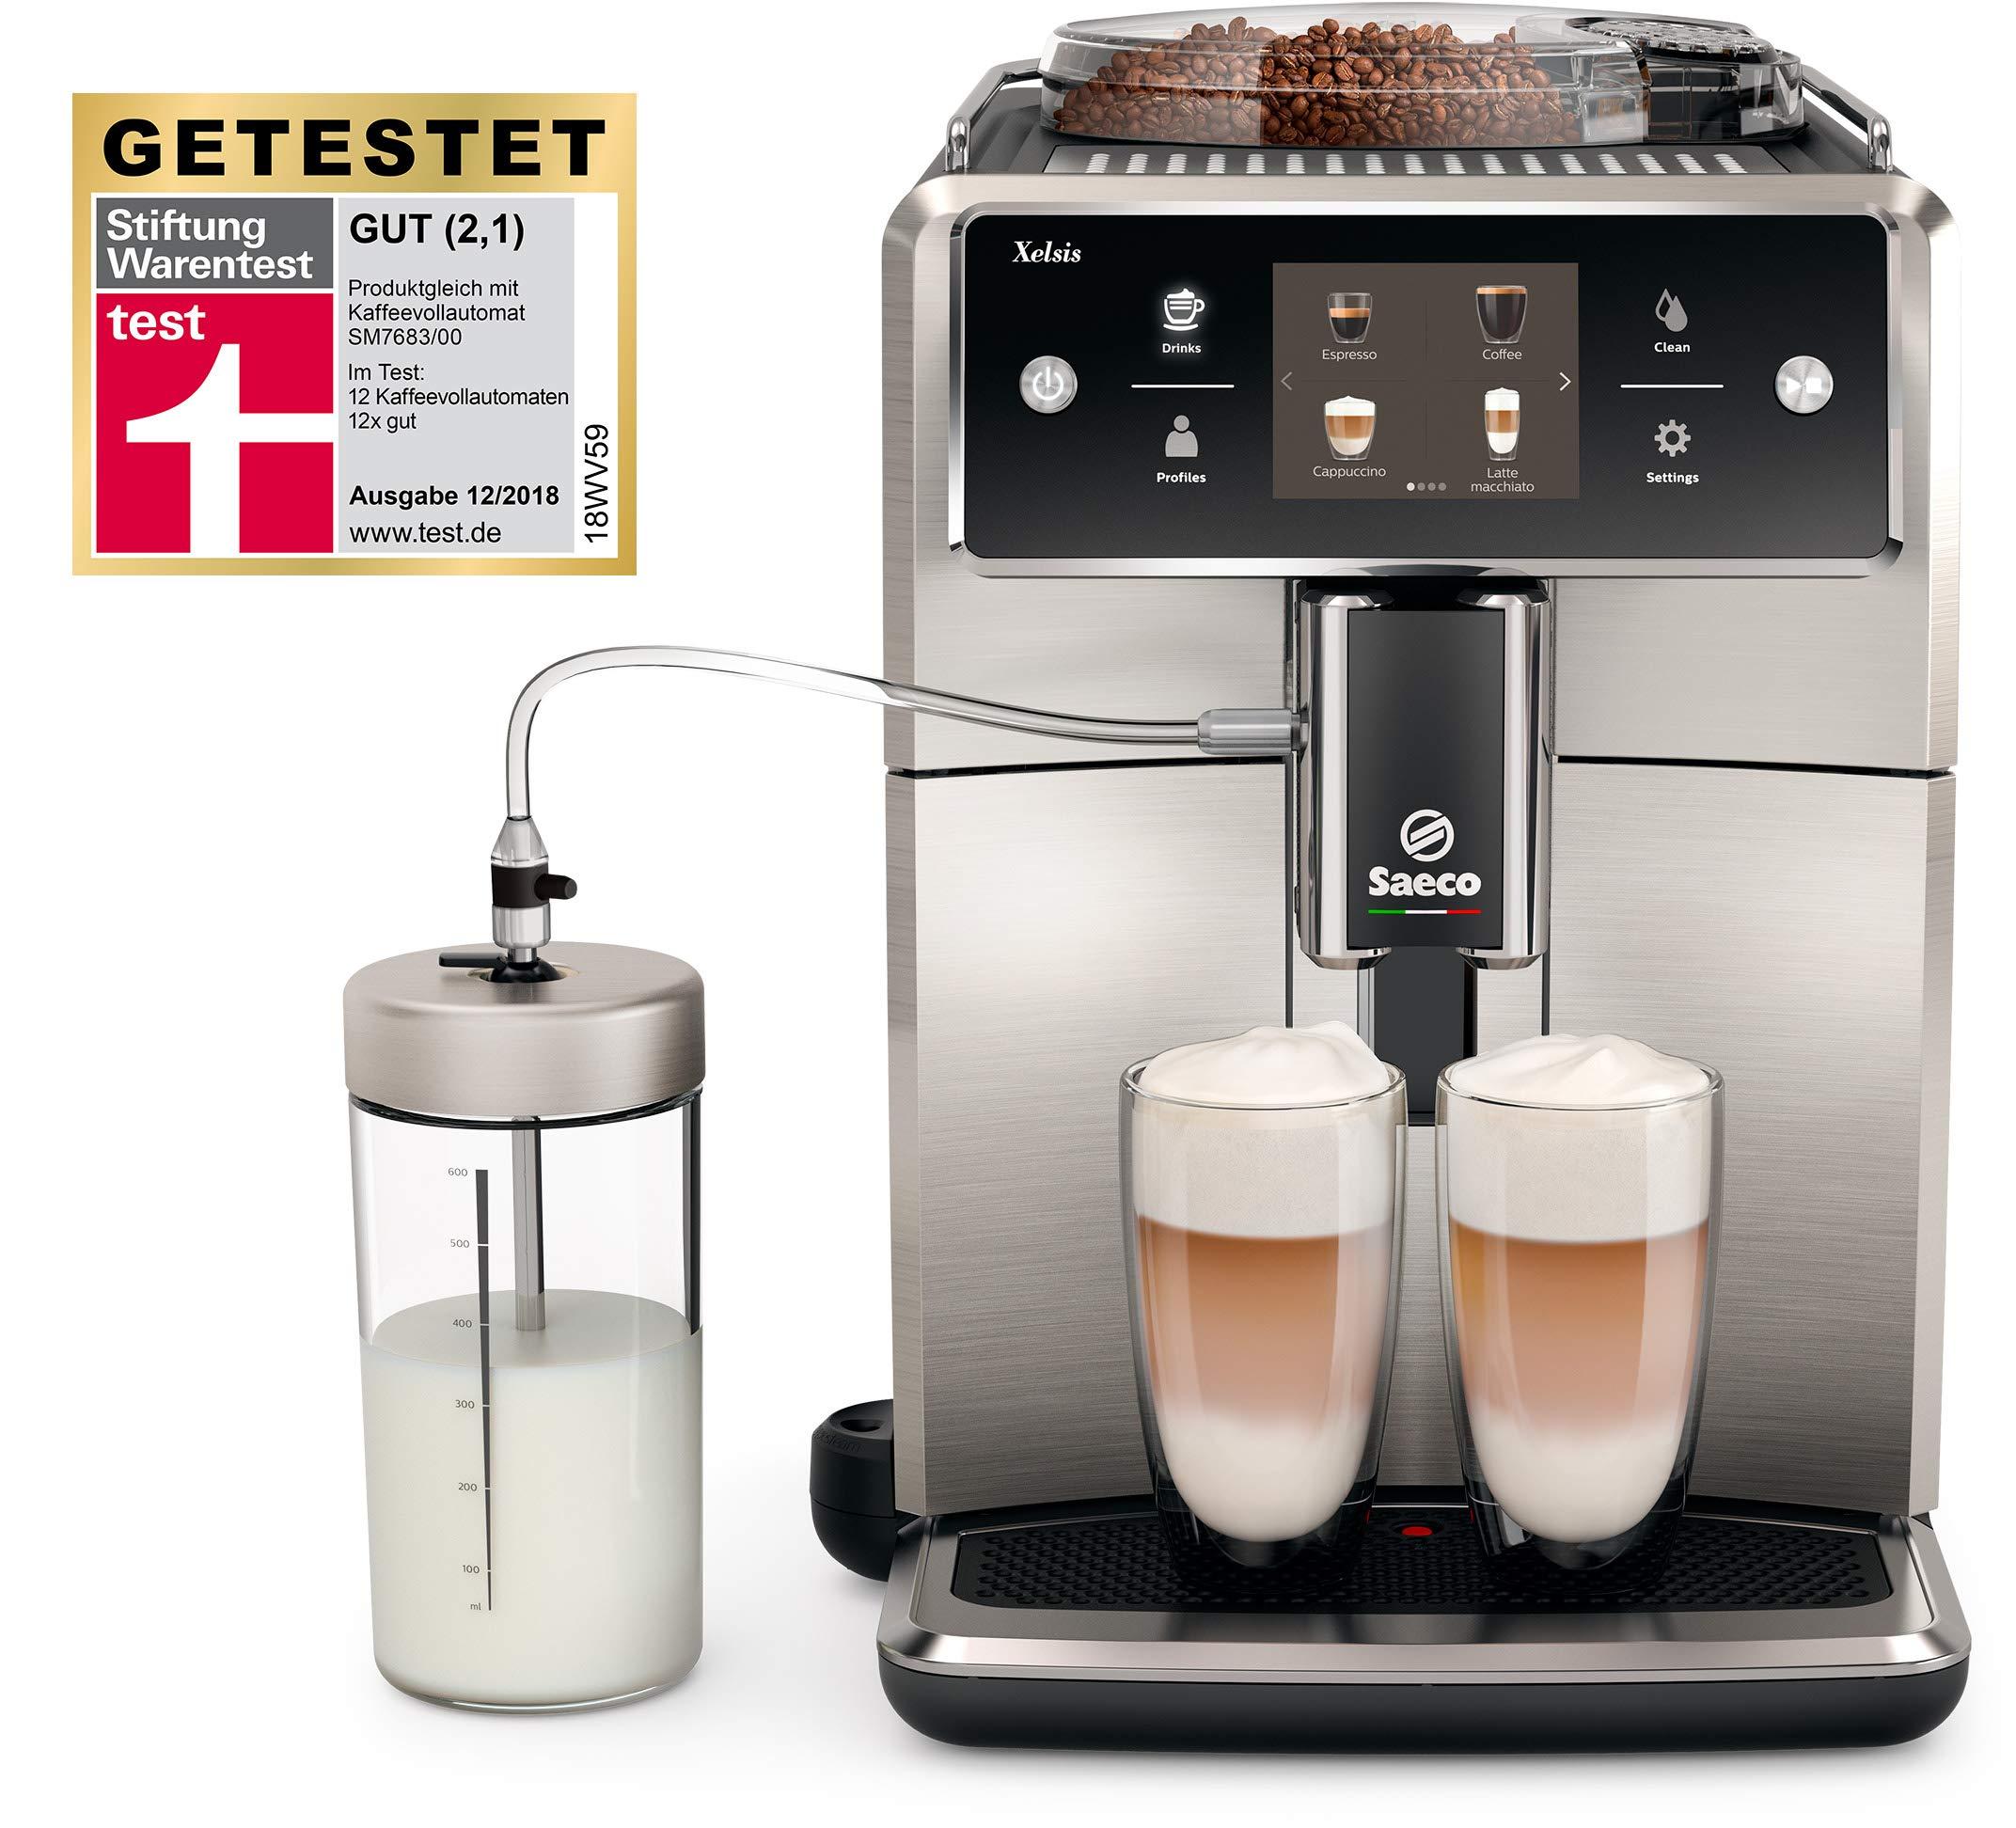 Saeco SM7683/10 Xelsis Kaffeevollautomat mit Touchscreen und Milchbehälter